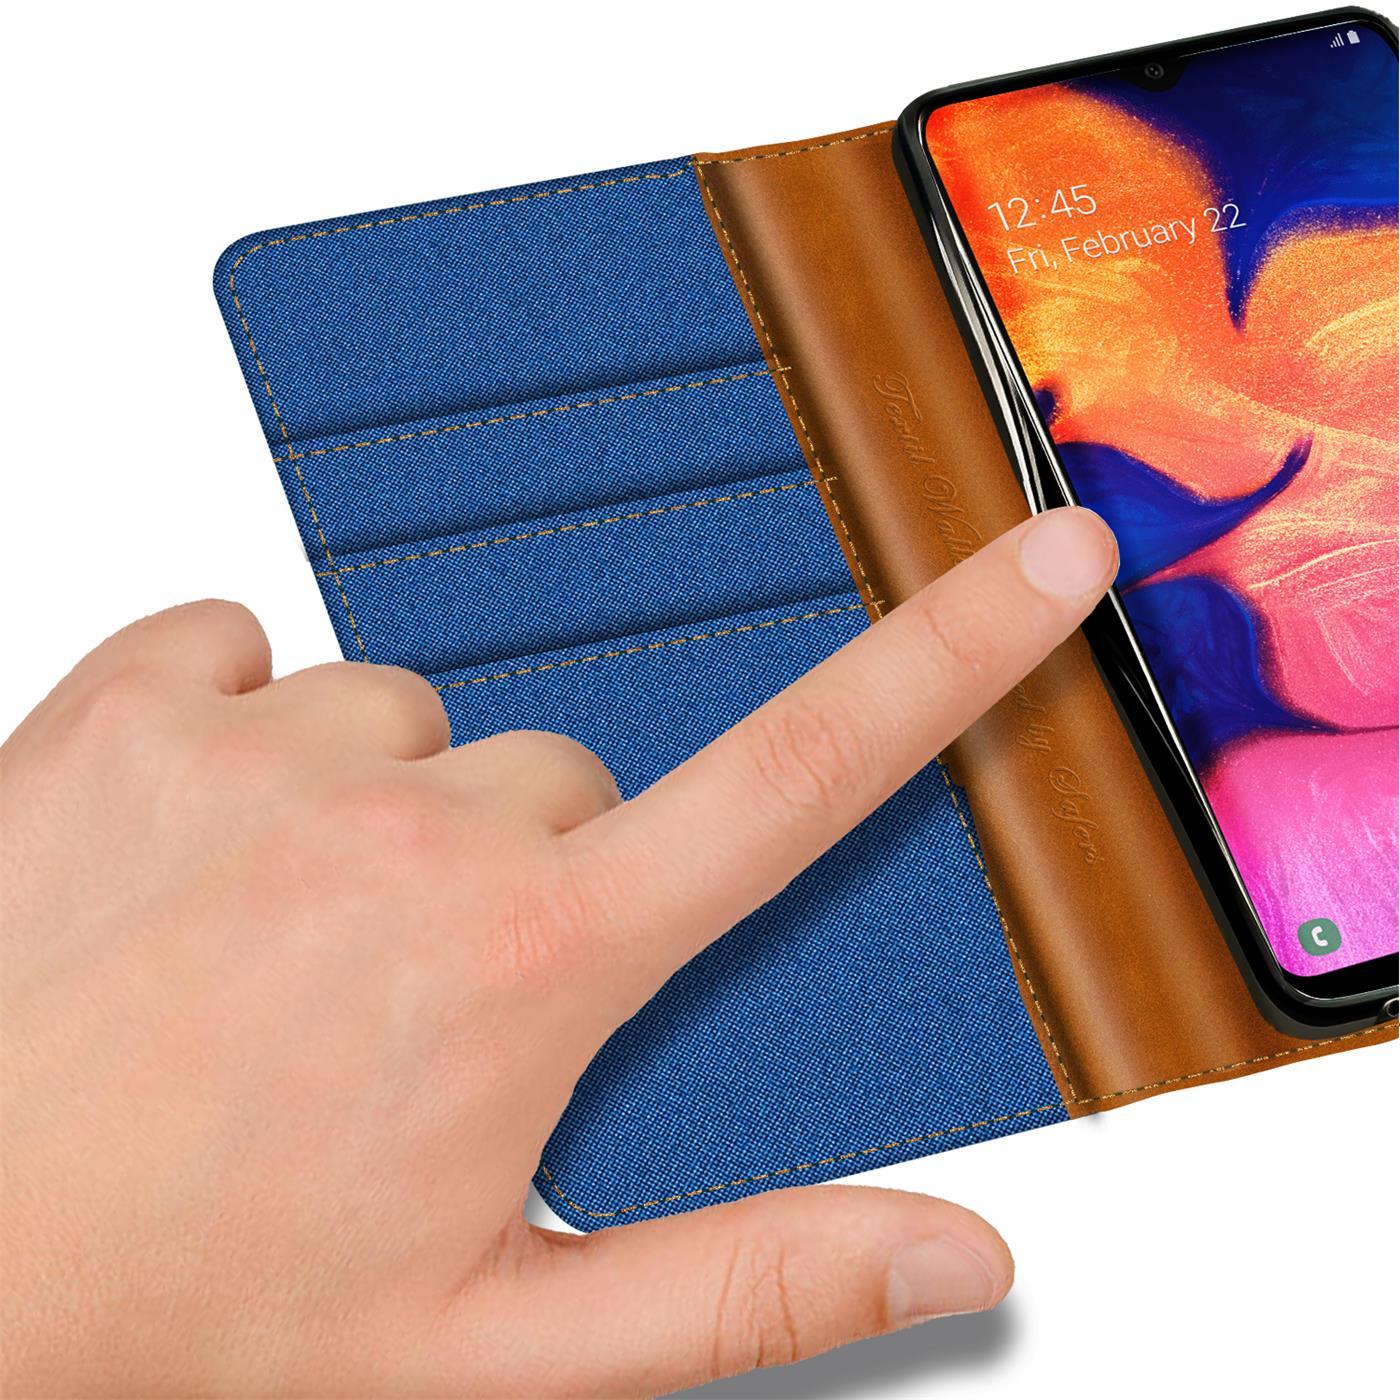 Handy-Huelle-Samsung-Galaxy-A10-Tasche-Wallet-Flip-Case-Schutz-Huelle-Stoff-Cover Indexbild 19